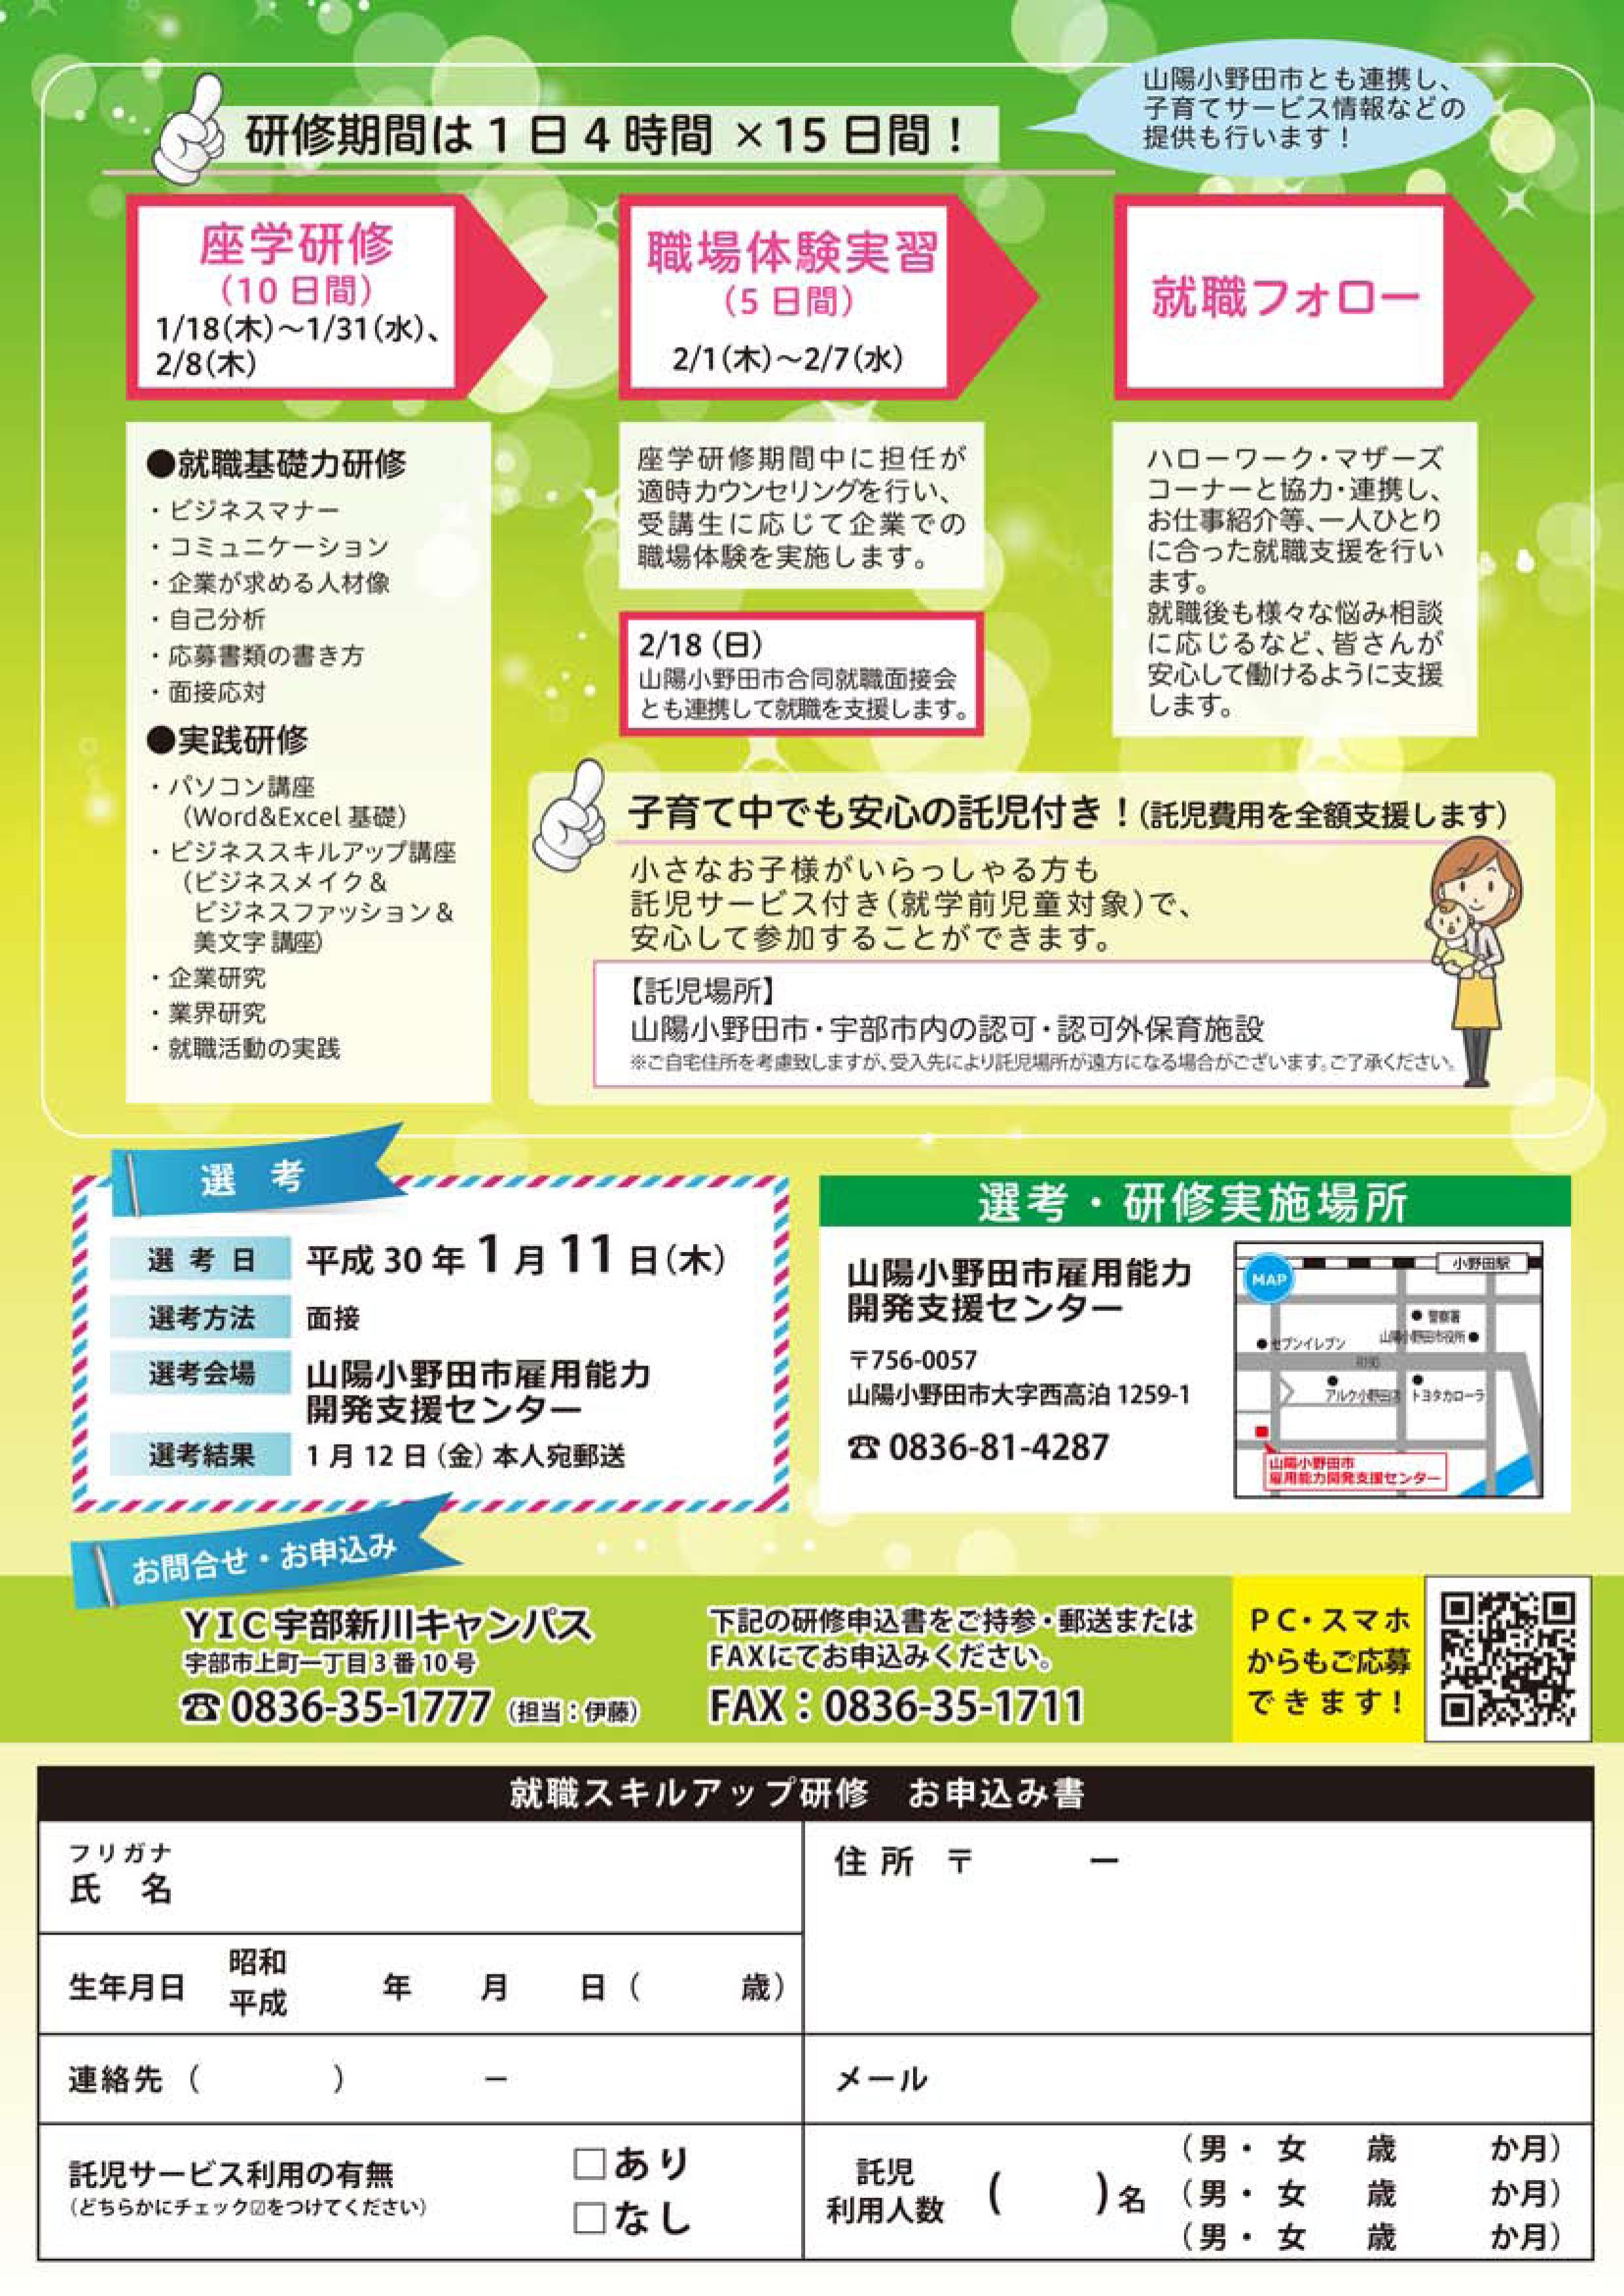 【山陽小野田市子育て女性等就職応援事業】就職スキルアップ研修